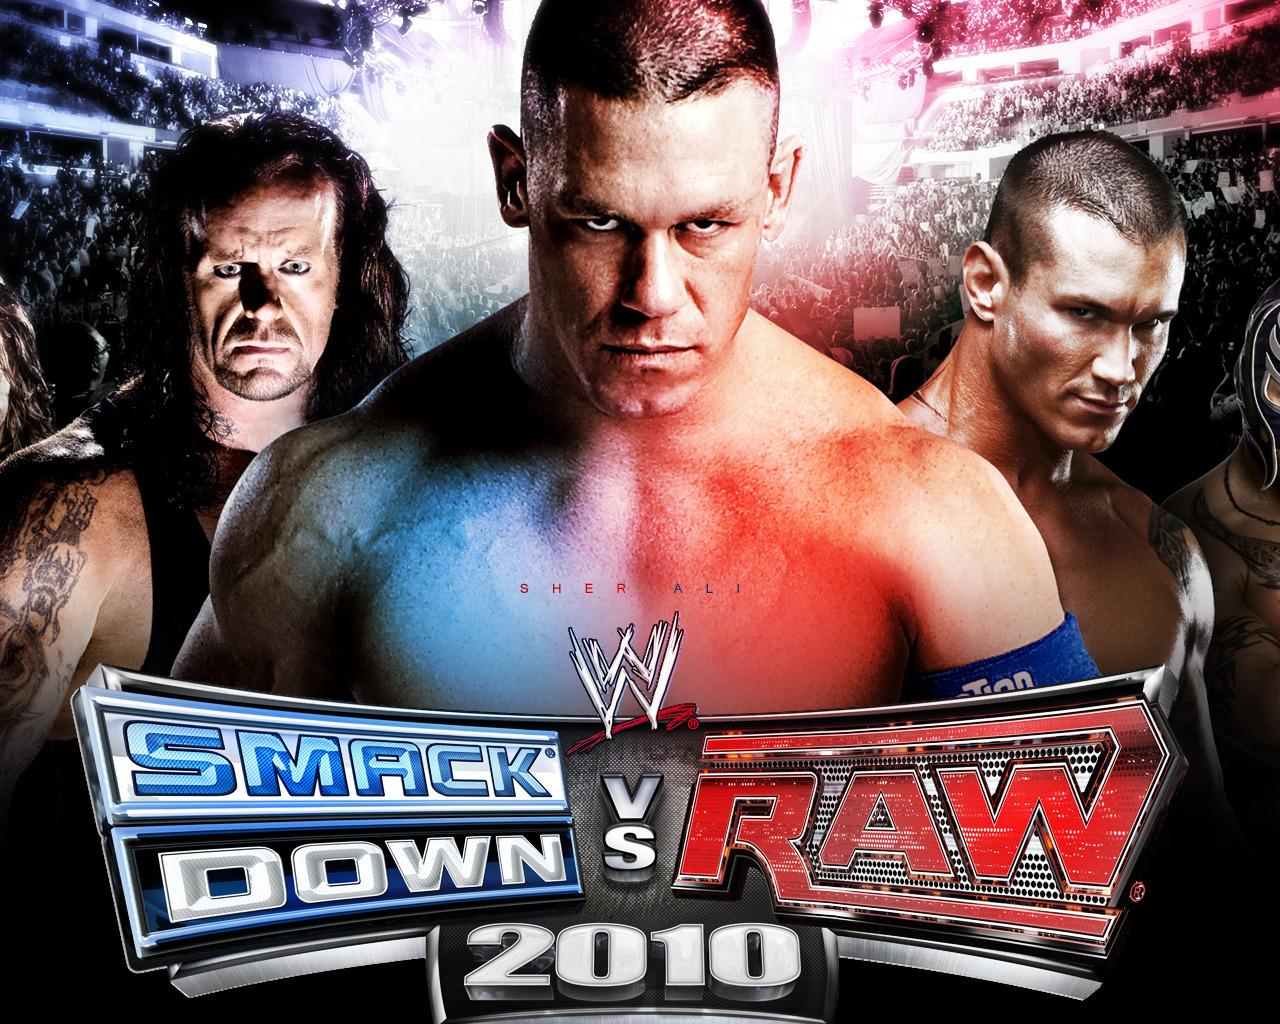 SMACKDOWN PC TÉLÉCHARGER JEUX SOFTONIC VS RAW 2010 WWE GRATUIT